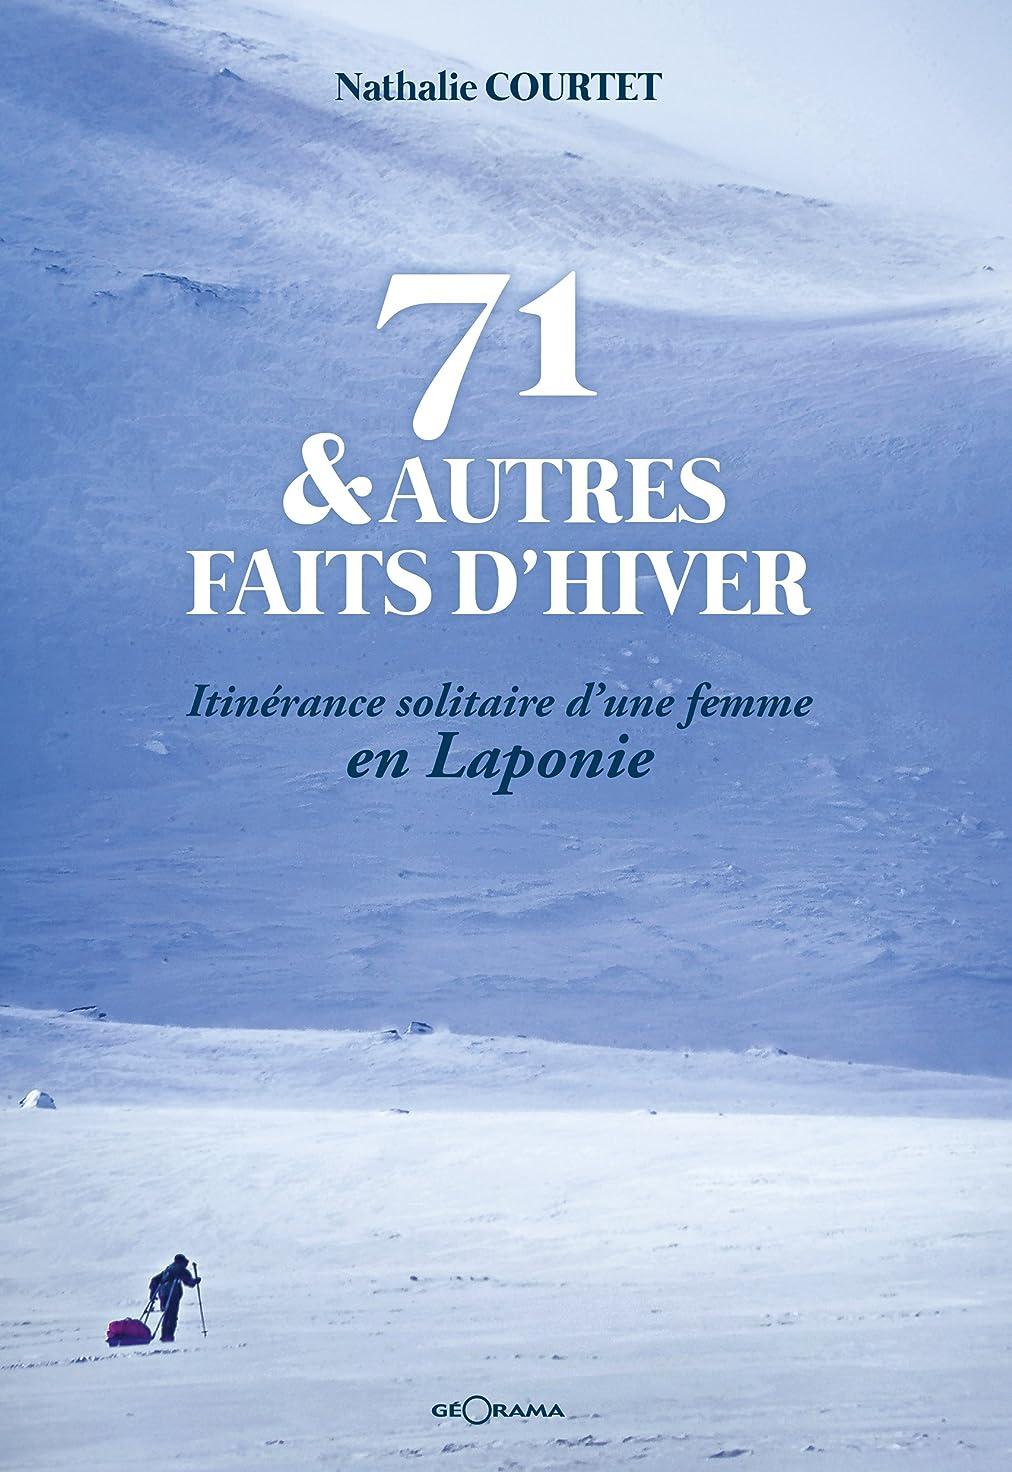 銃にに対応する71 & autres faits d'hiver: Itinérance solitaire d'une femme en Laponie (RECITS) (French Edition)